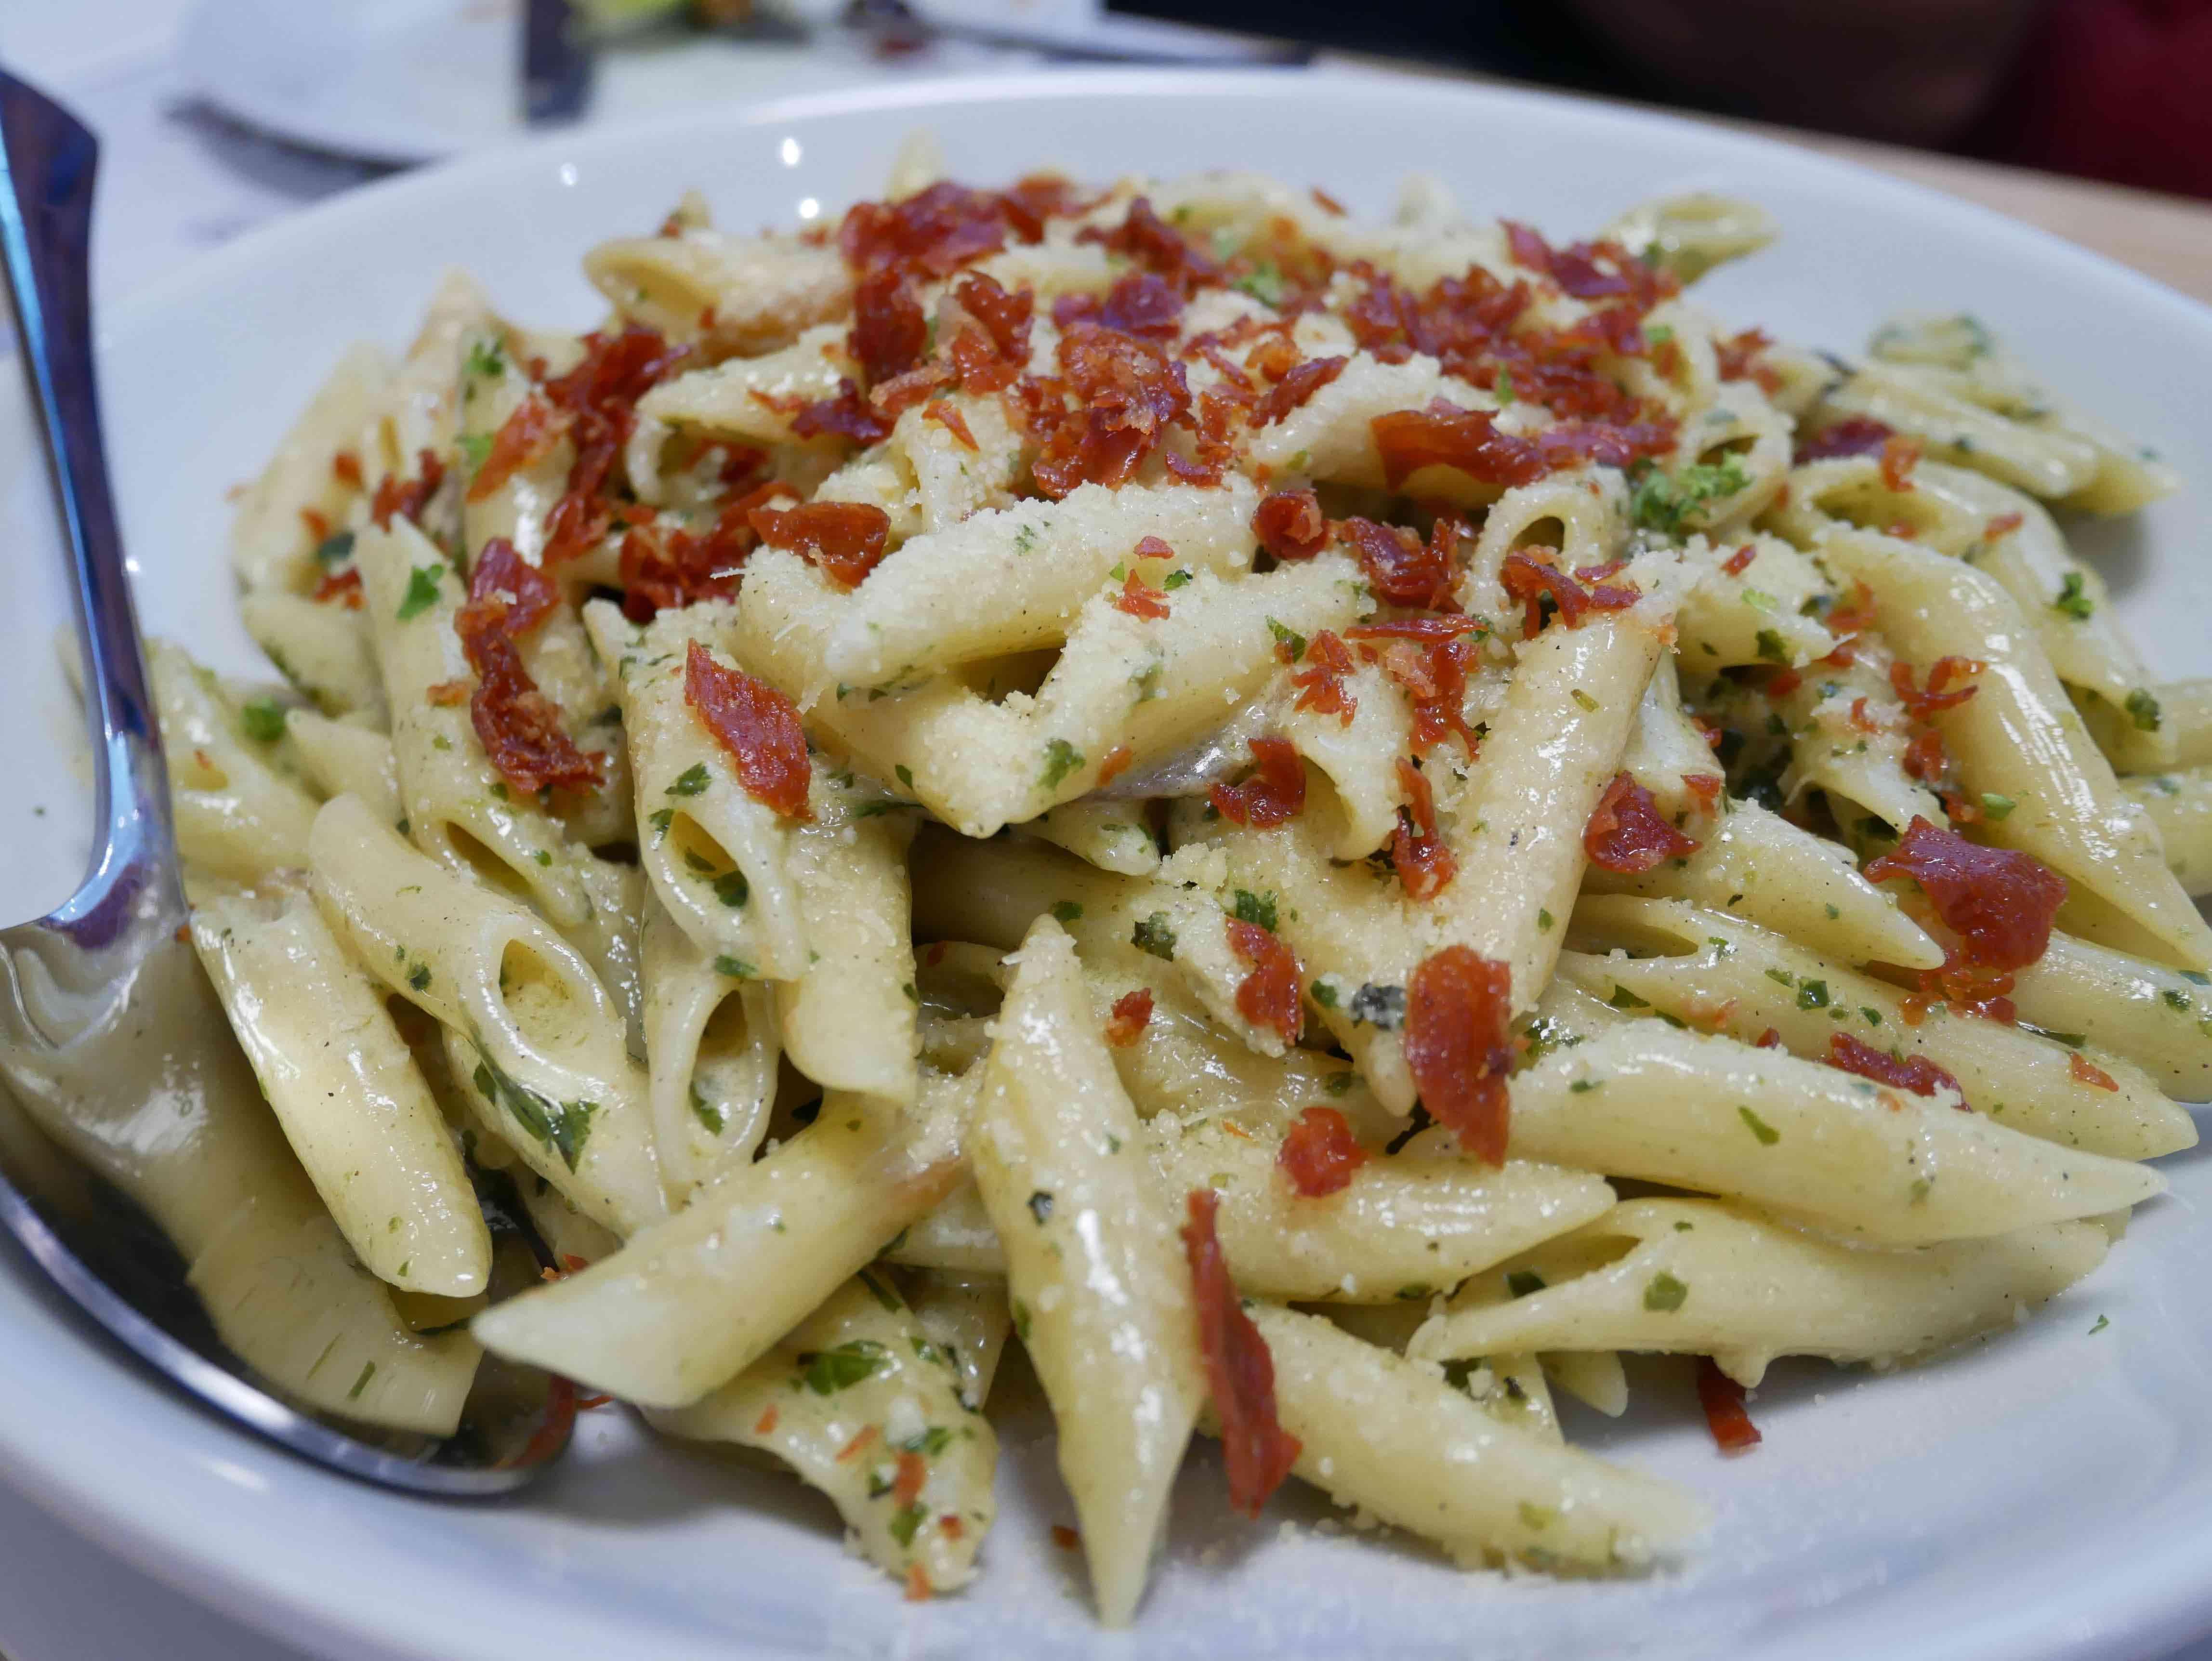 The Creamy Pesto and Prosciutto pasta. (Photo: Rachel Malaguit/Coconuts)